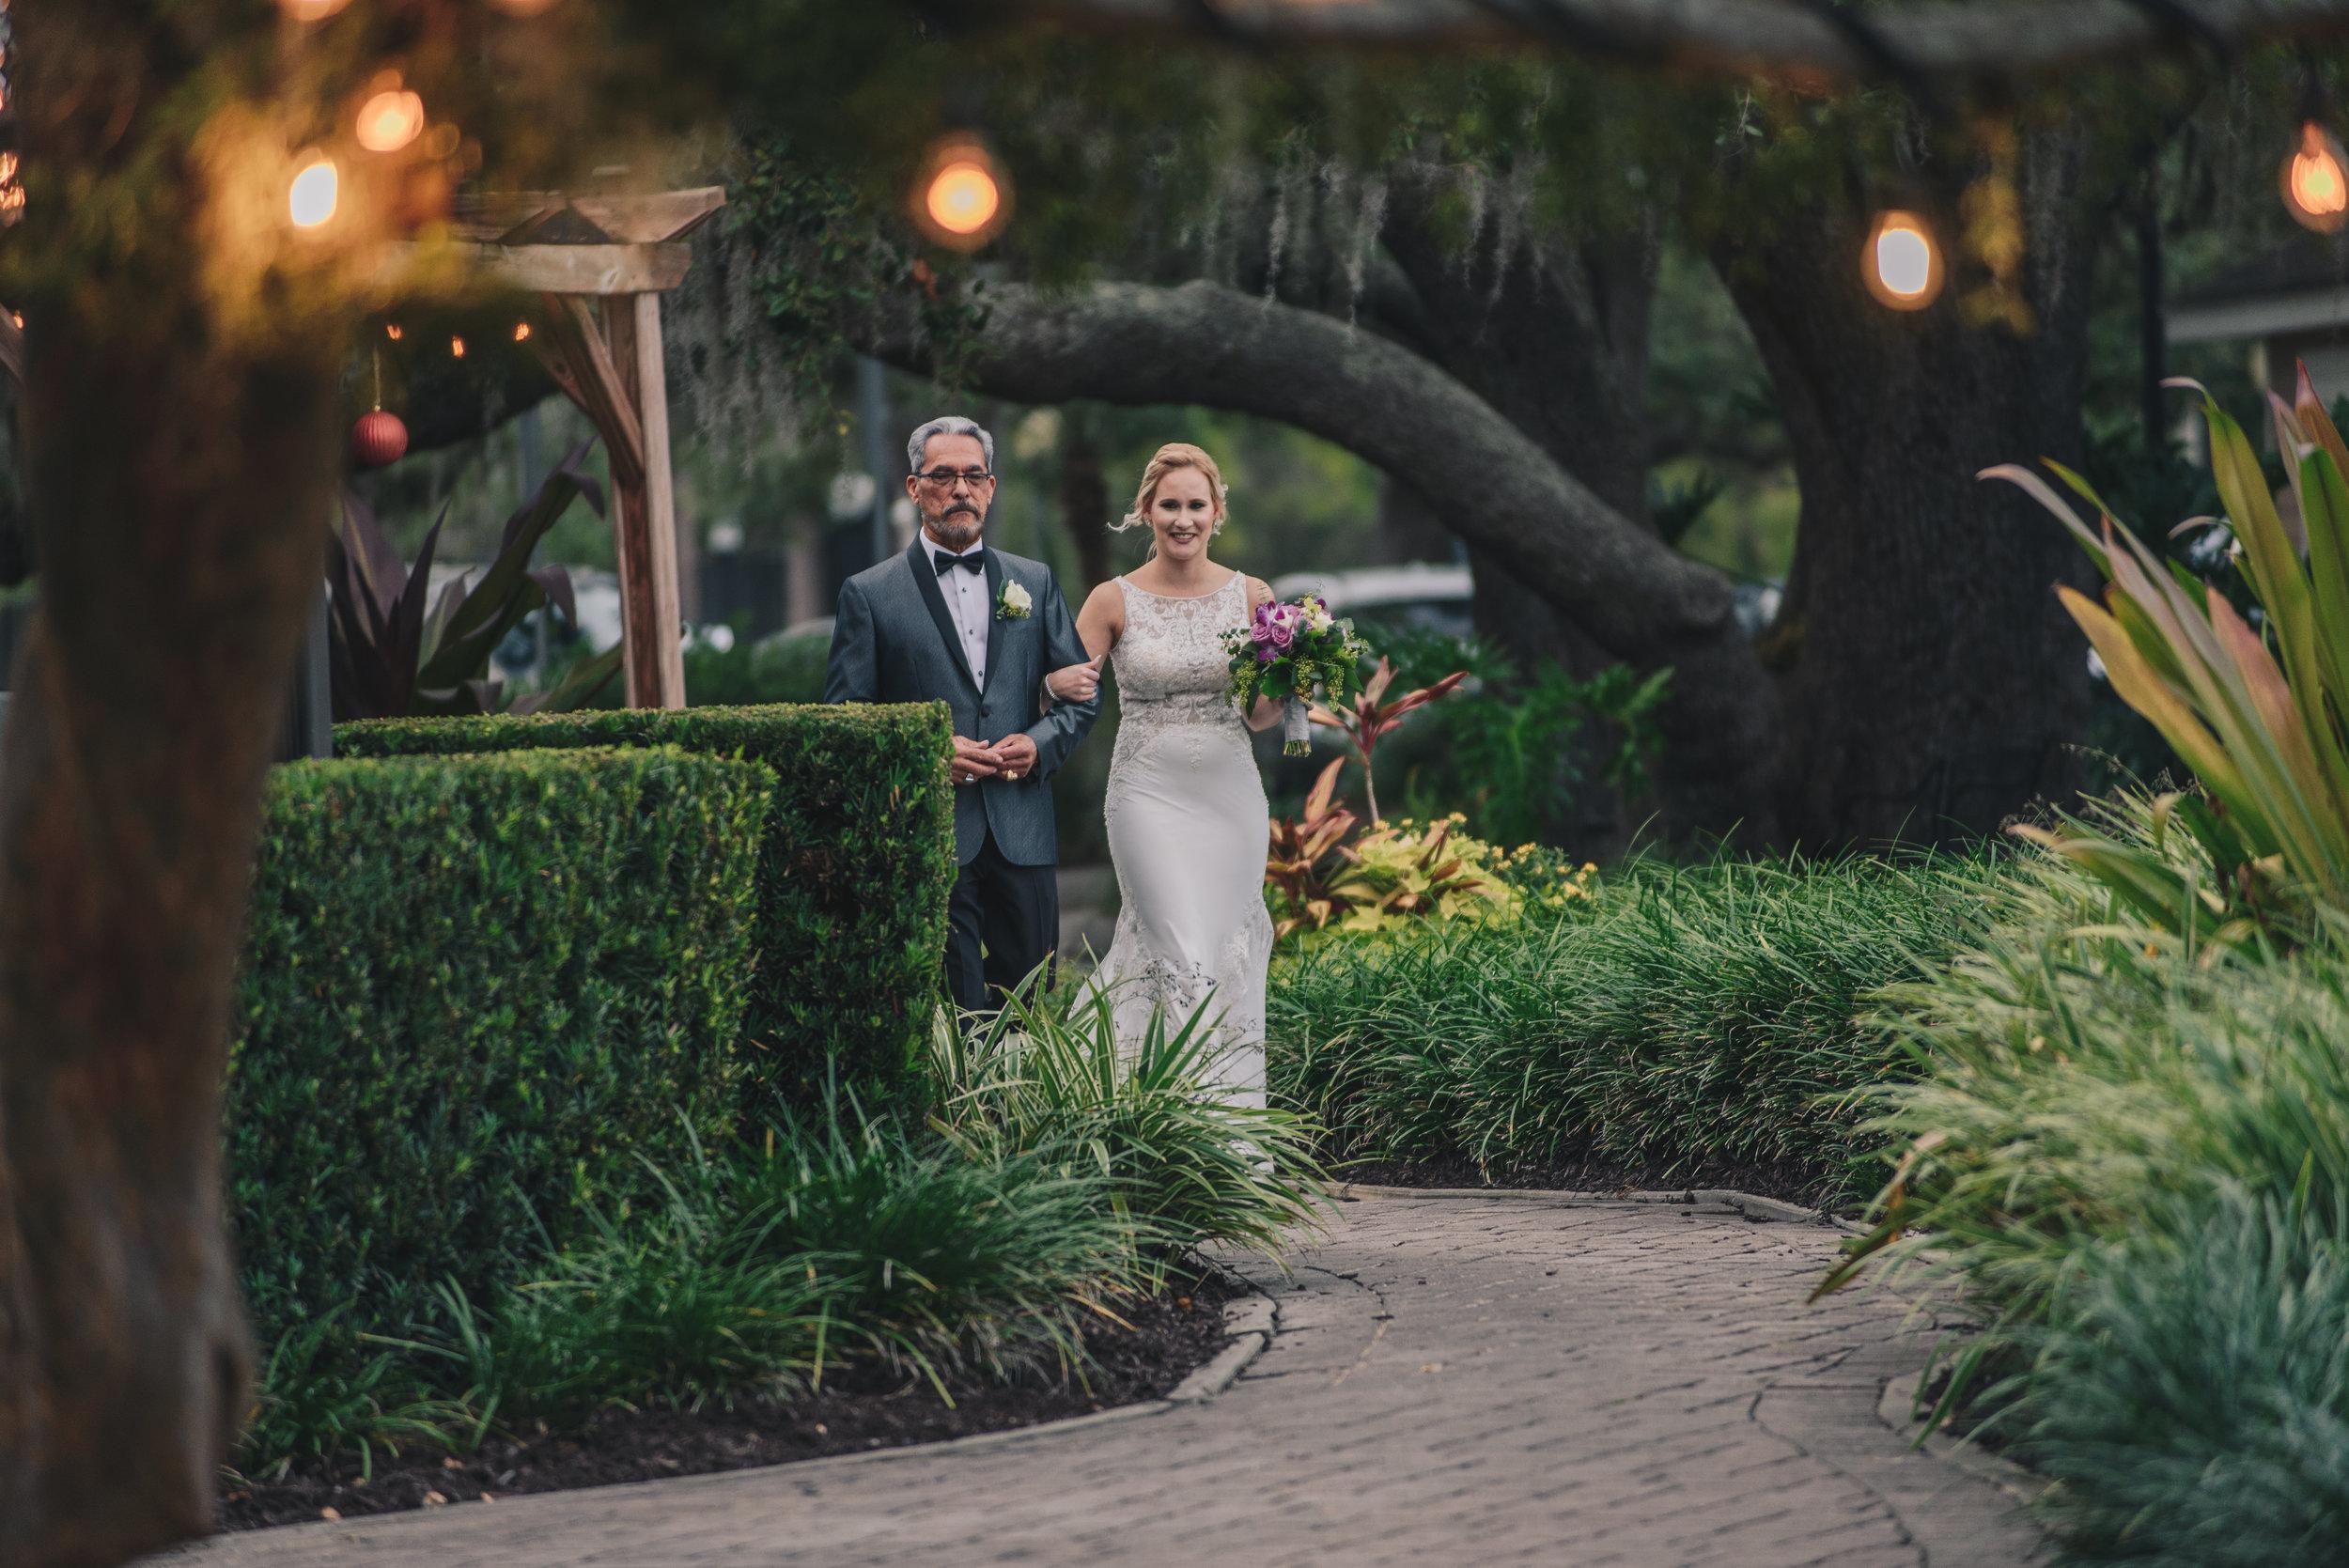 Los-Vargas-Photo-Wedding-Historic-Dubsdread-Ballroom-8133.jpg